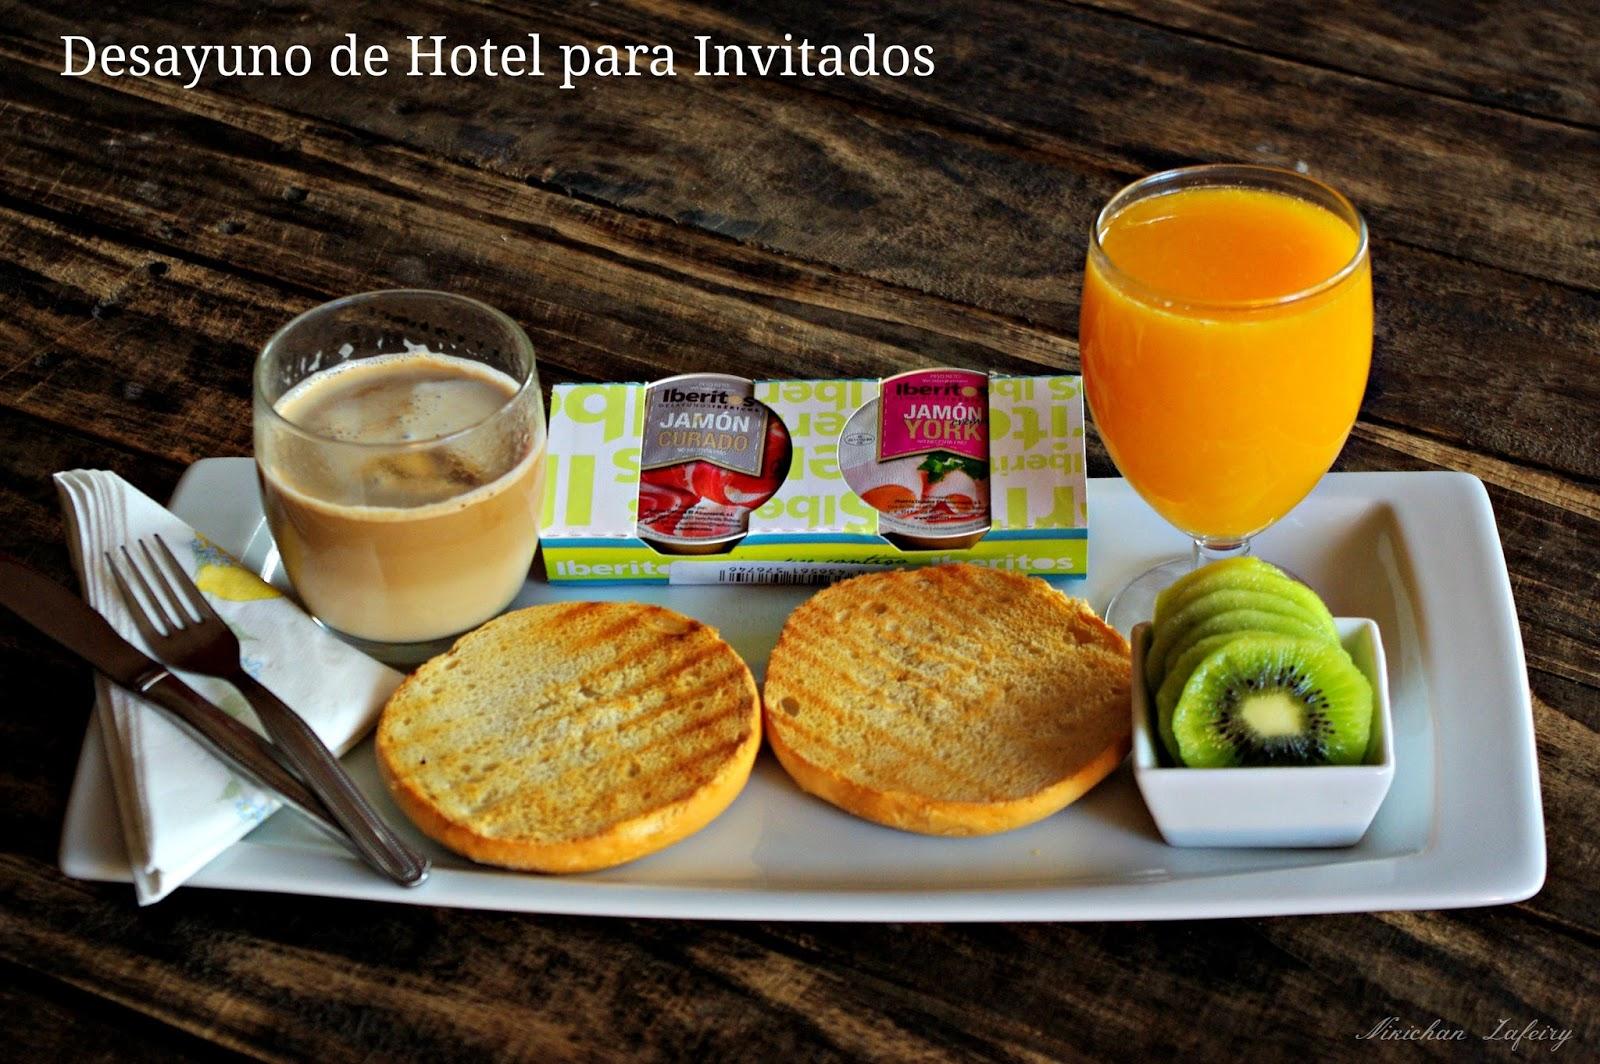 Desayuno de hotel para invitados recetas de una gatita for Comida para invitados